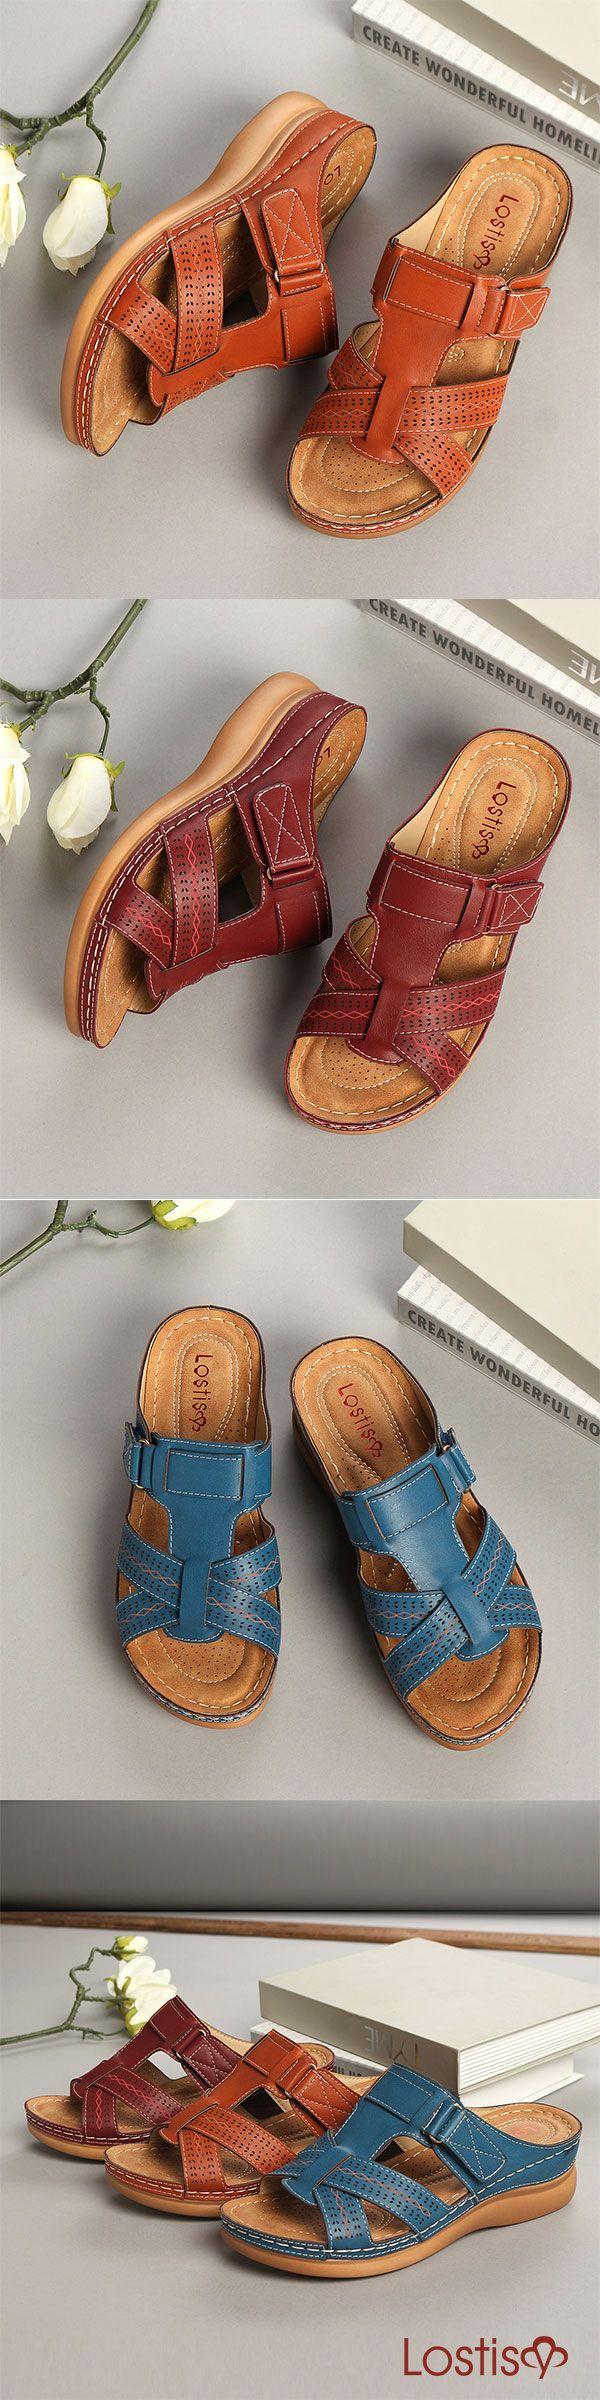 Women shoes, Cute shoes boots